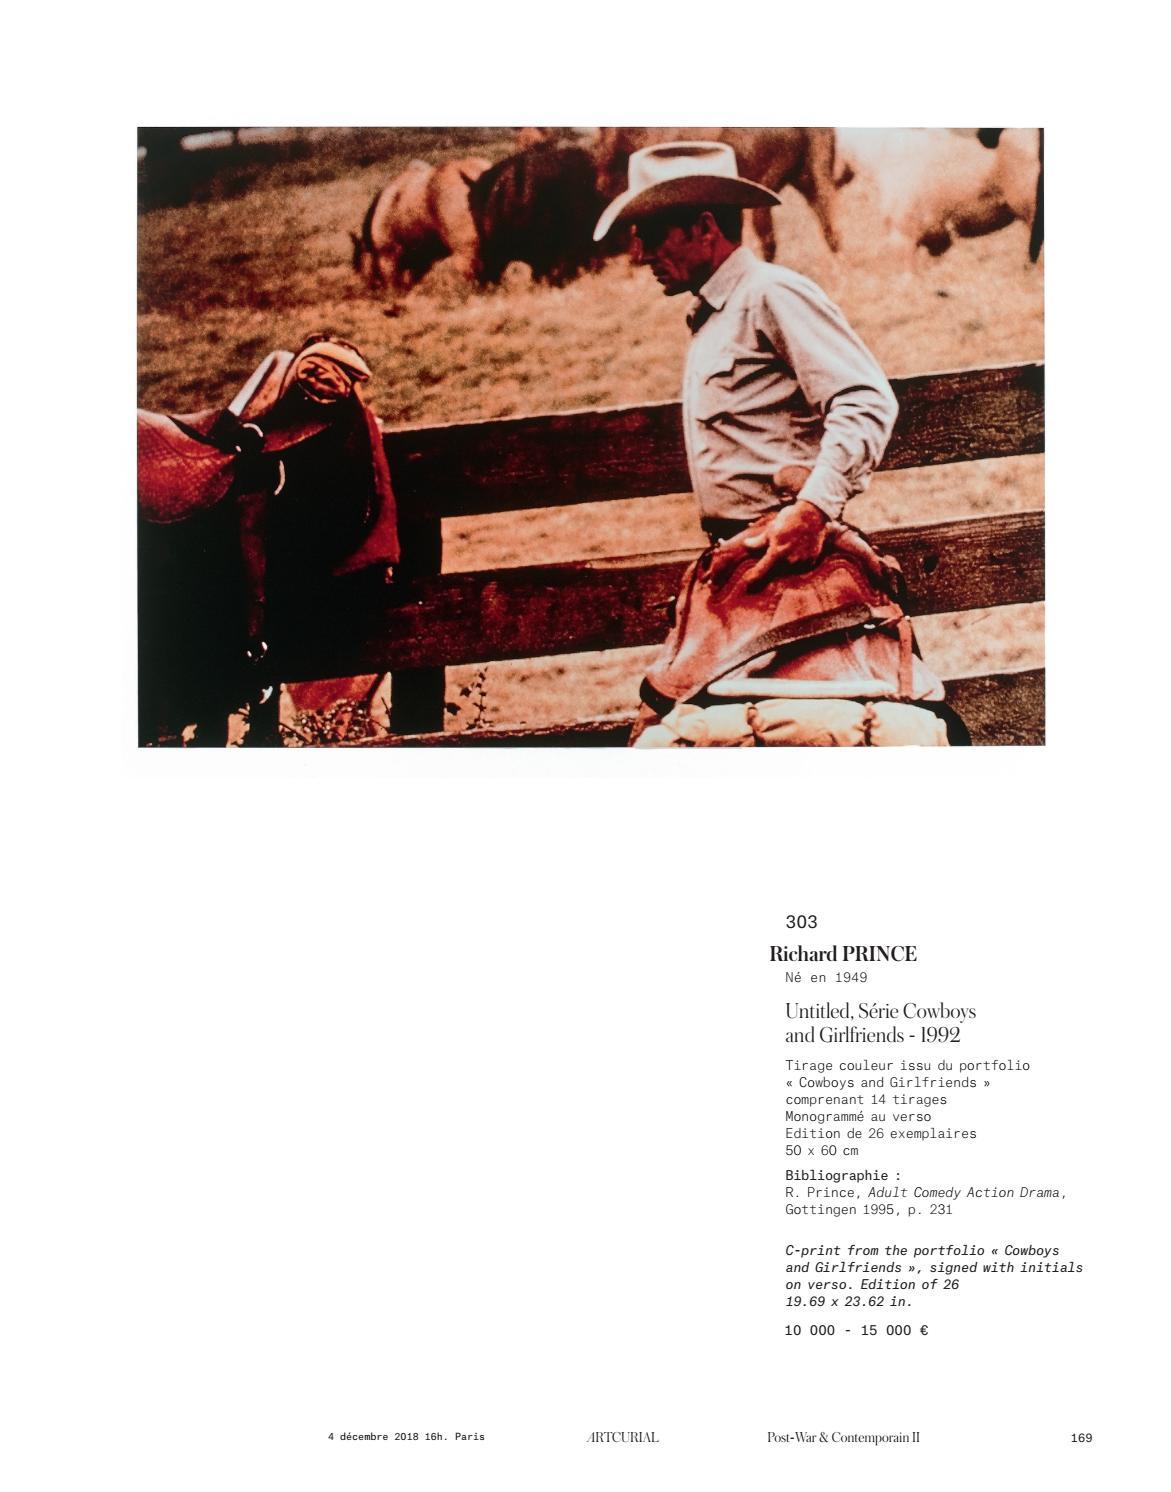 foto de rocfb3bed verso by couleurs com issuu - rogernoticias.com